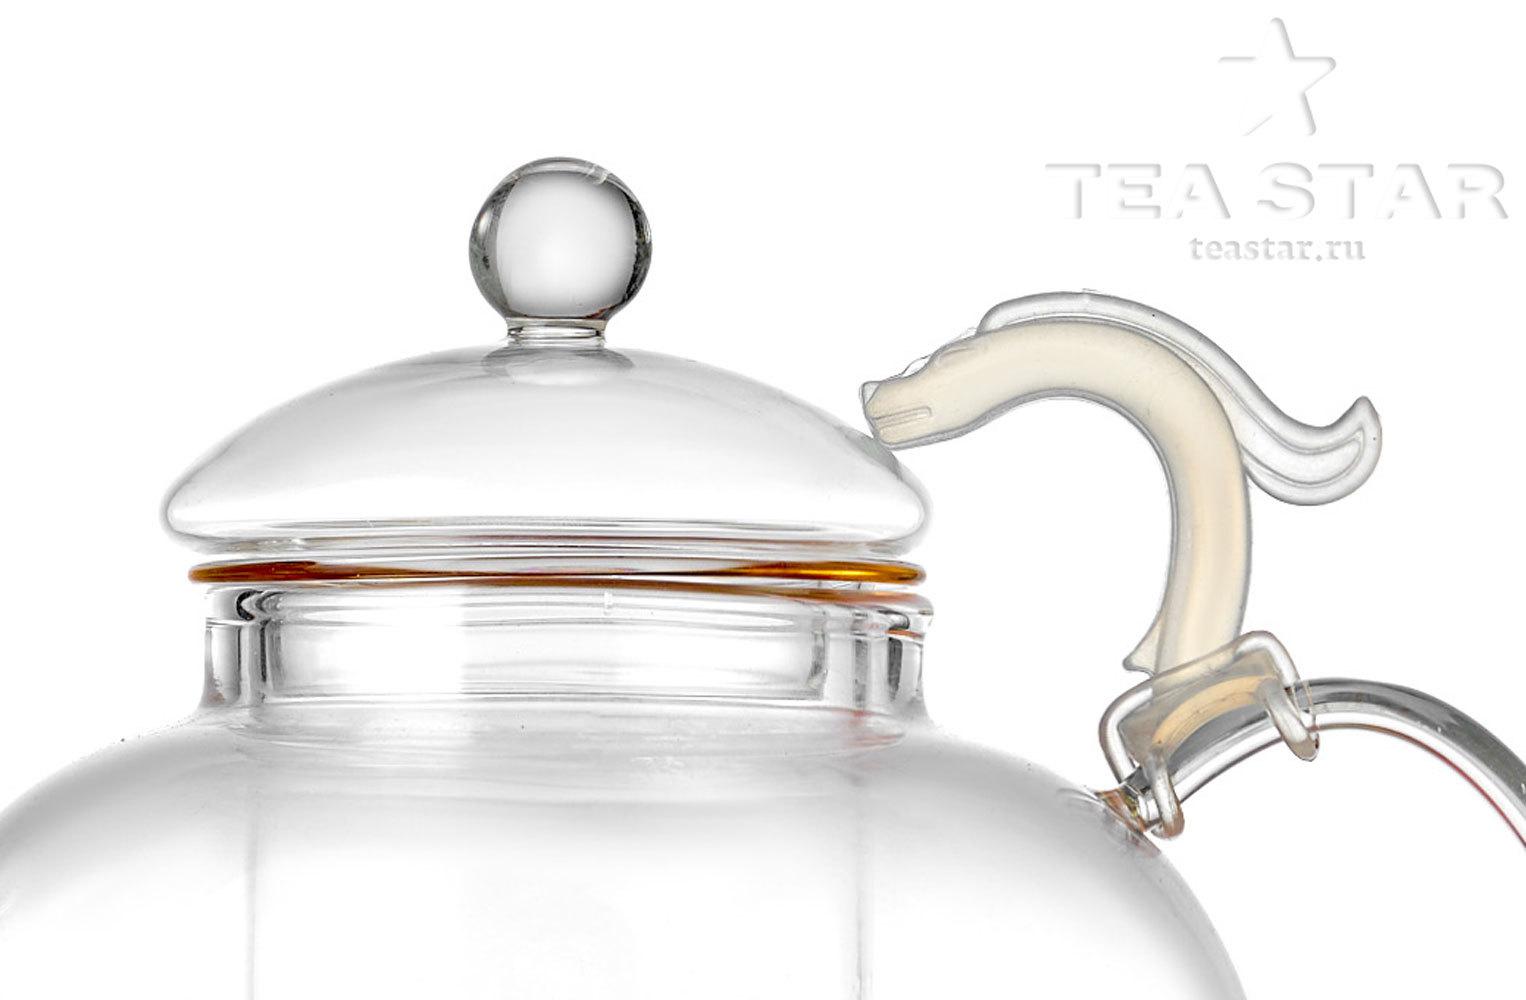 Для чайников Крючок для блокировки крышки kruchok.jpg